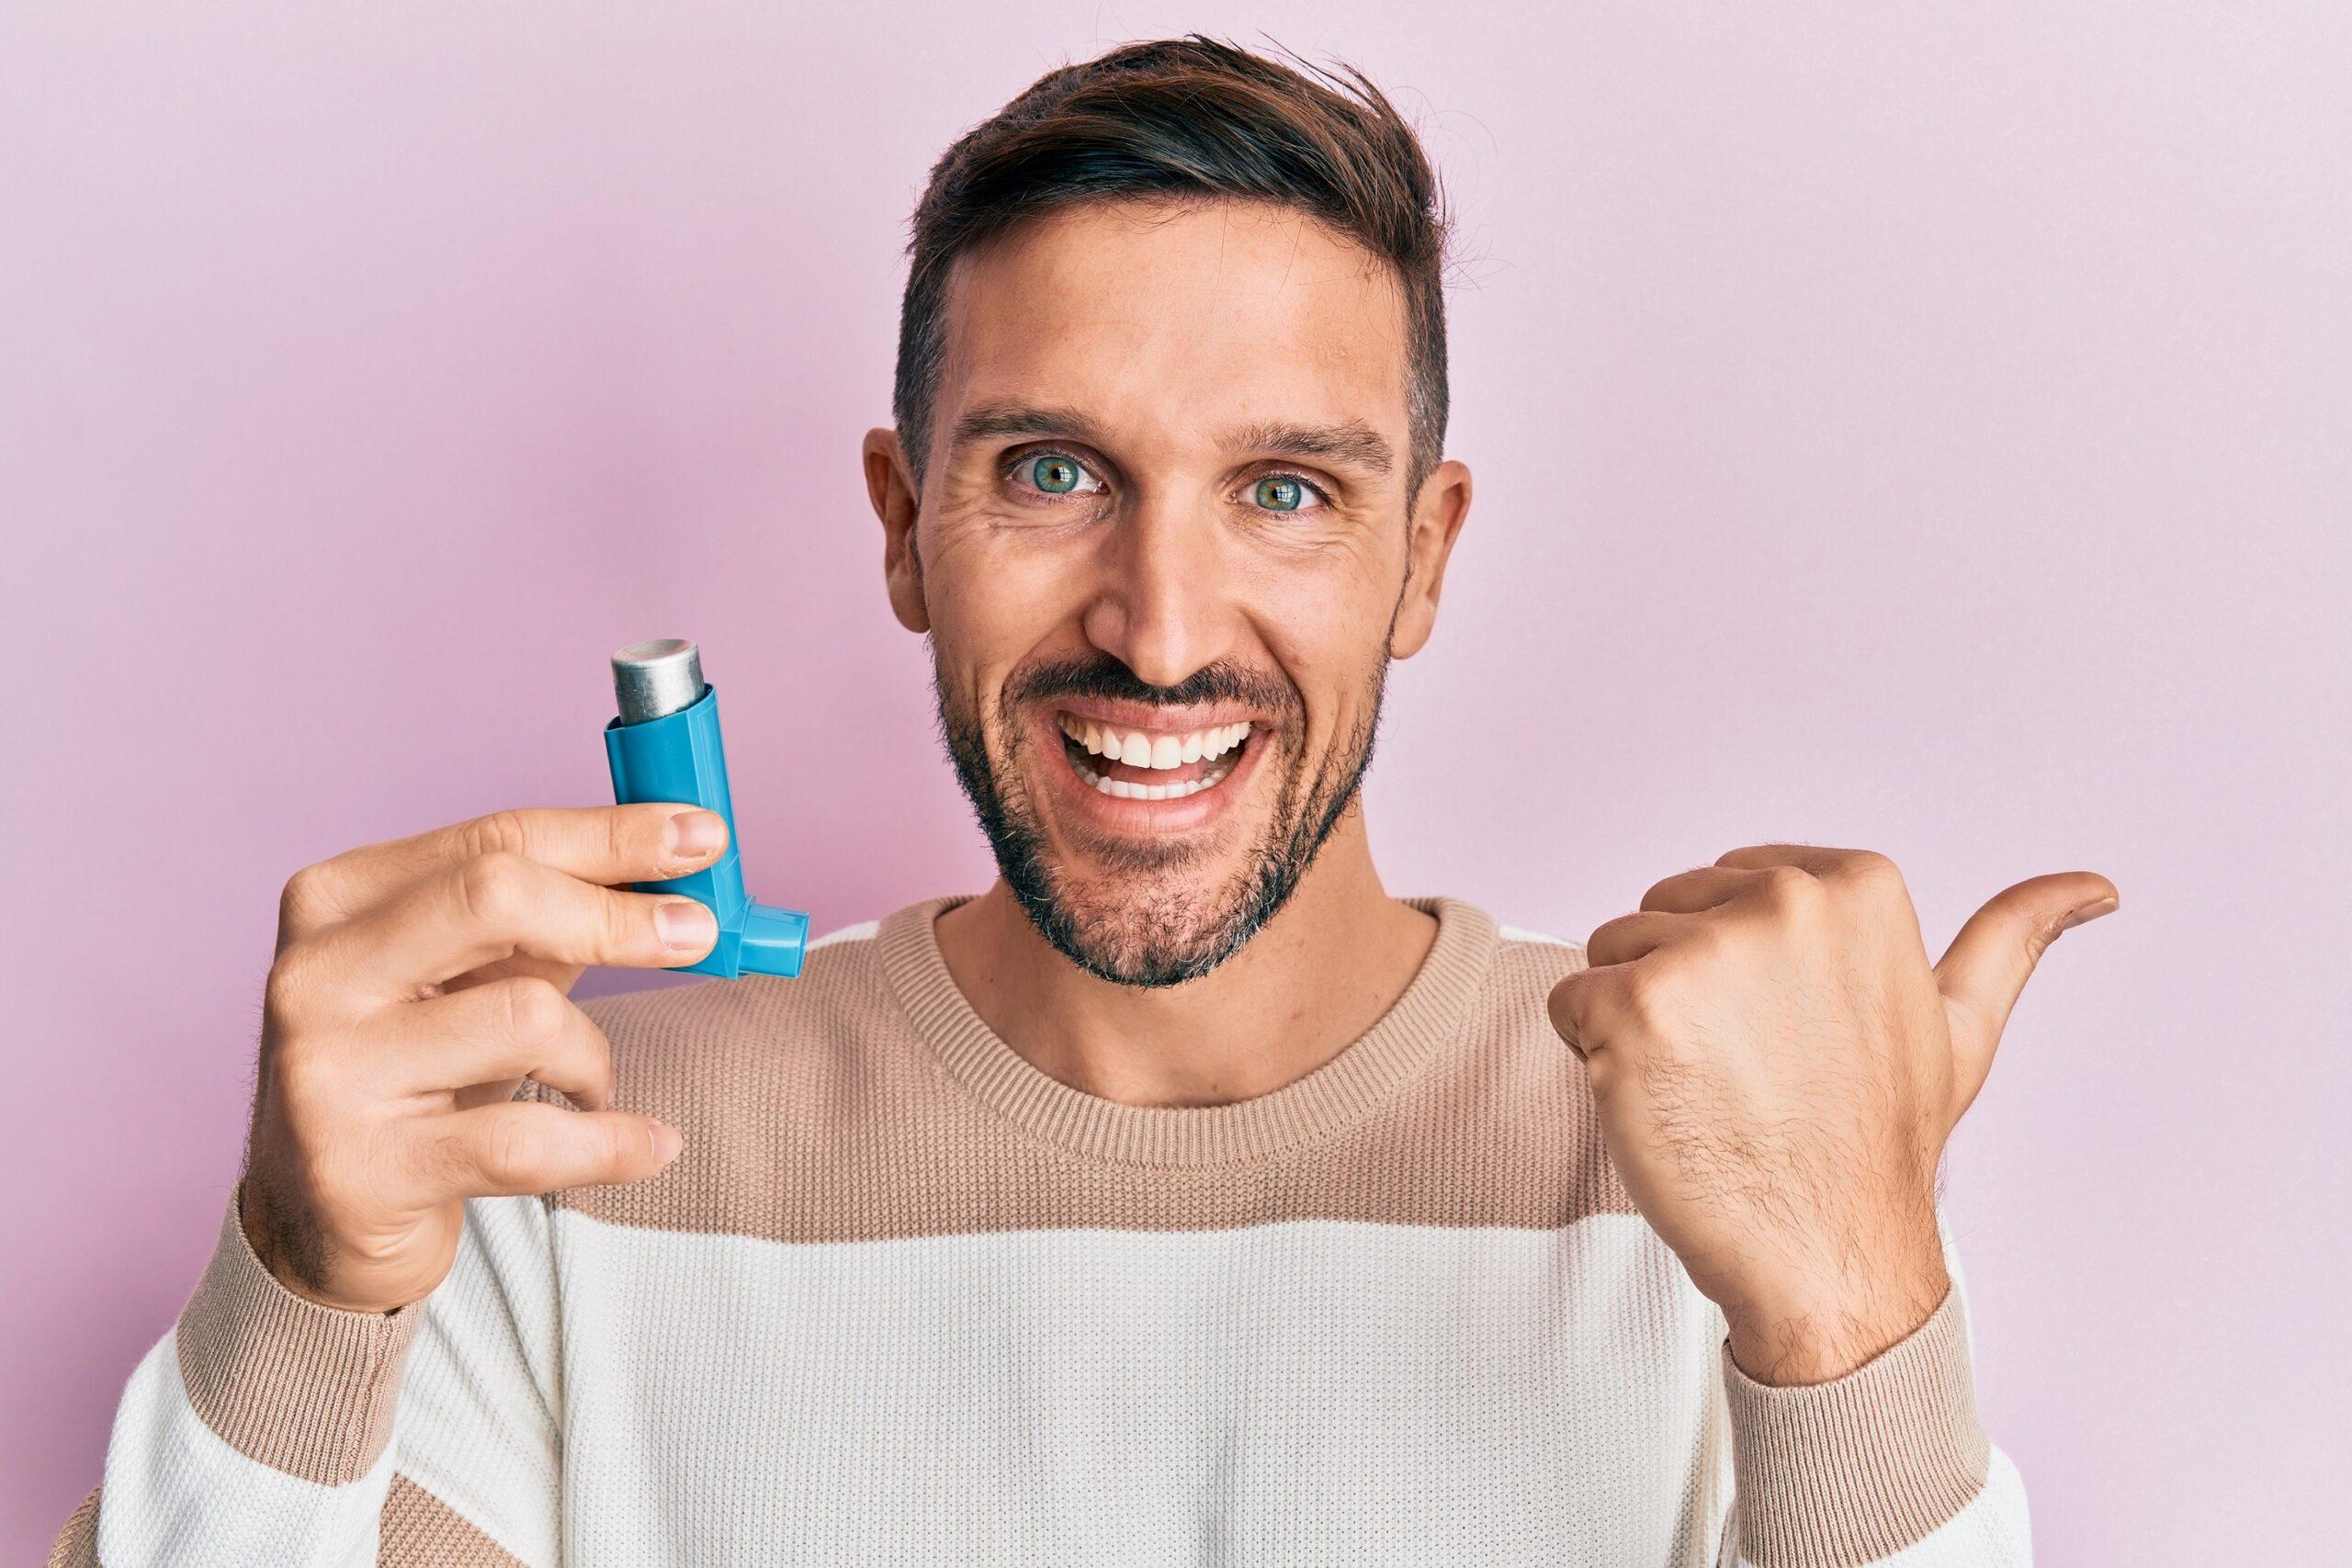 COVID-19-Forschung: Mit Asthmaspray schwere Krankheitsverläufe blockieren - Heilpraxisnet.de